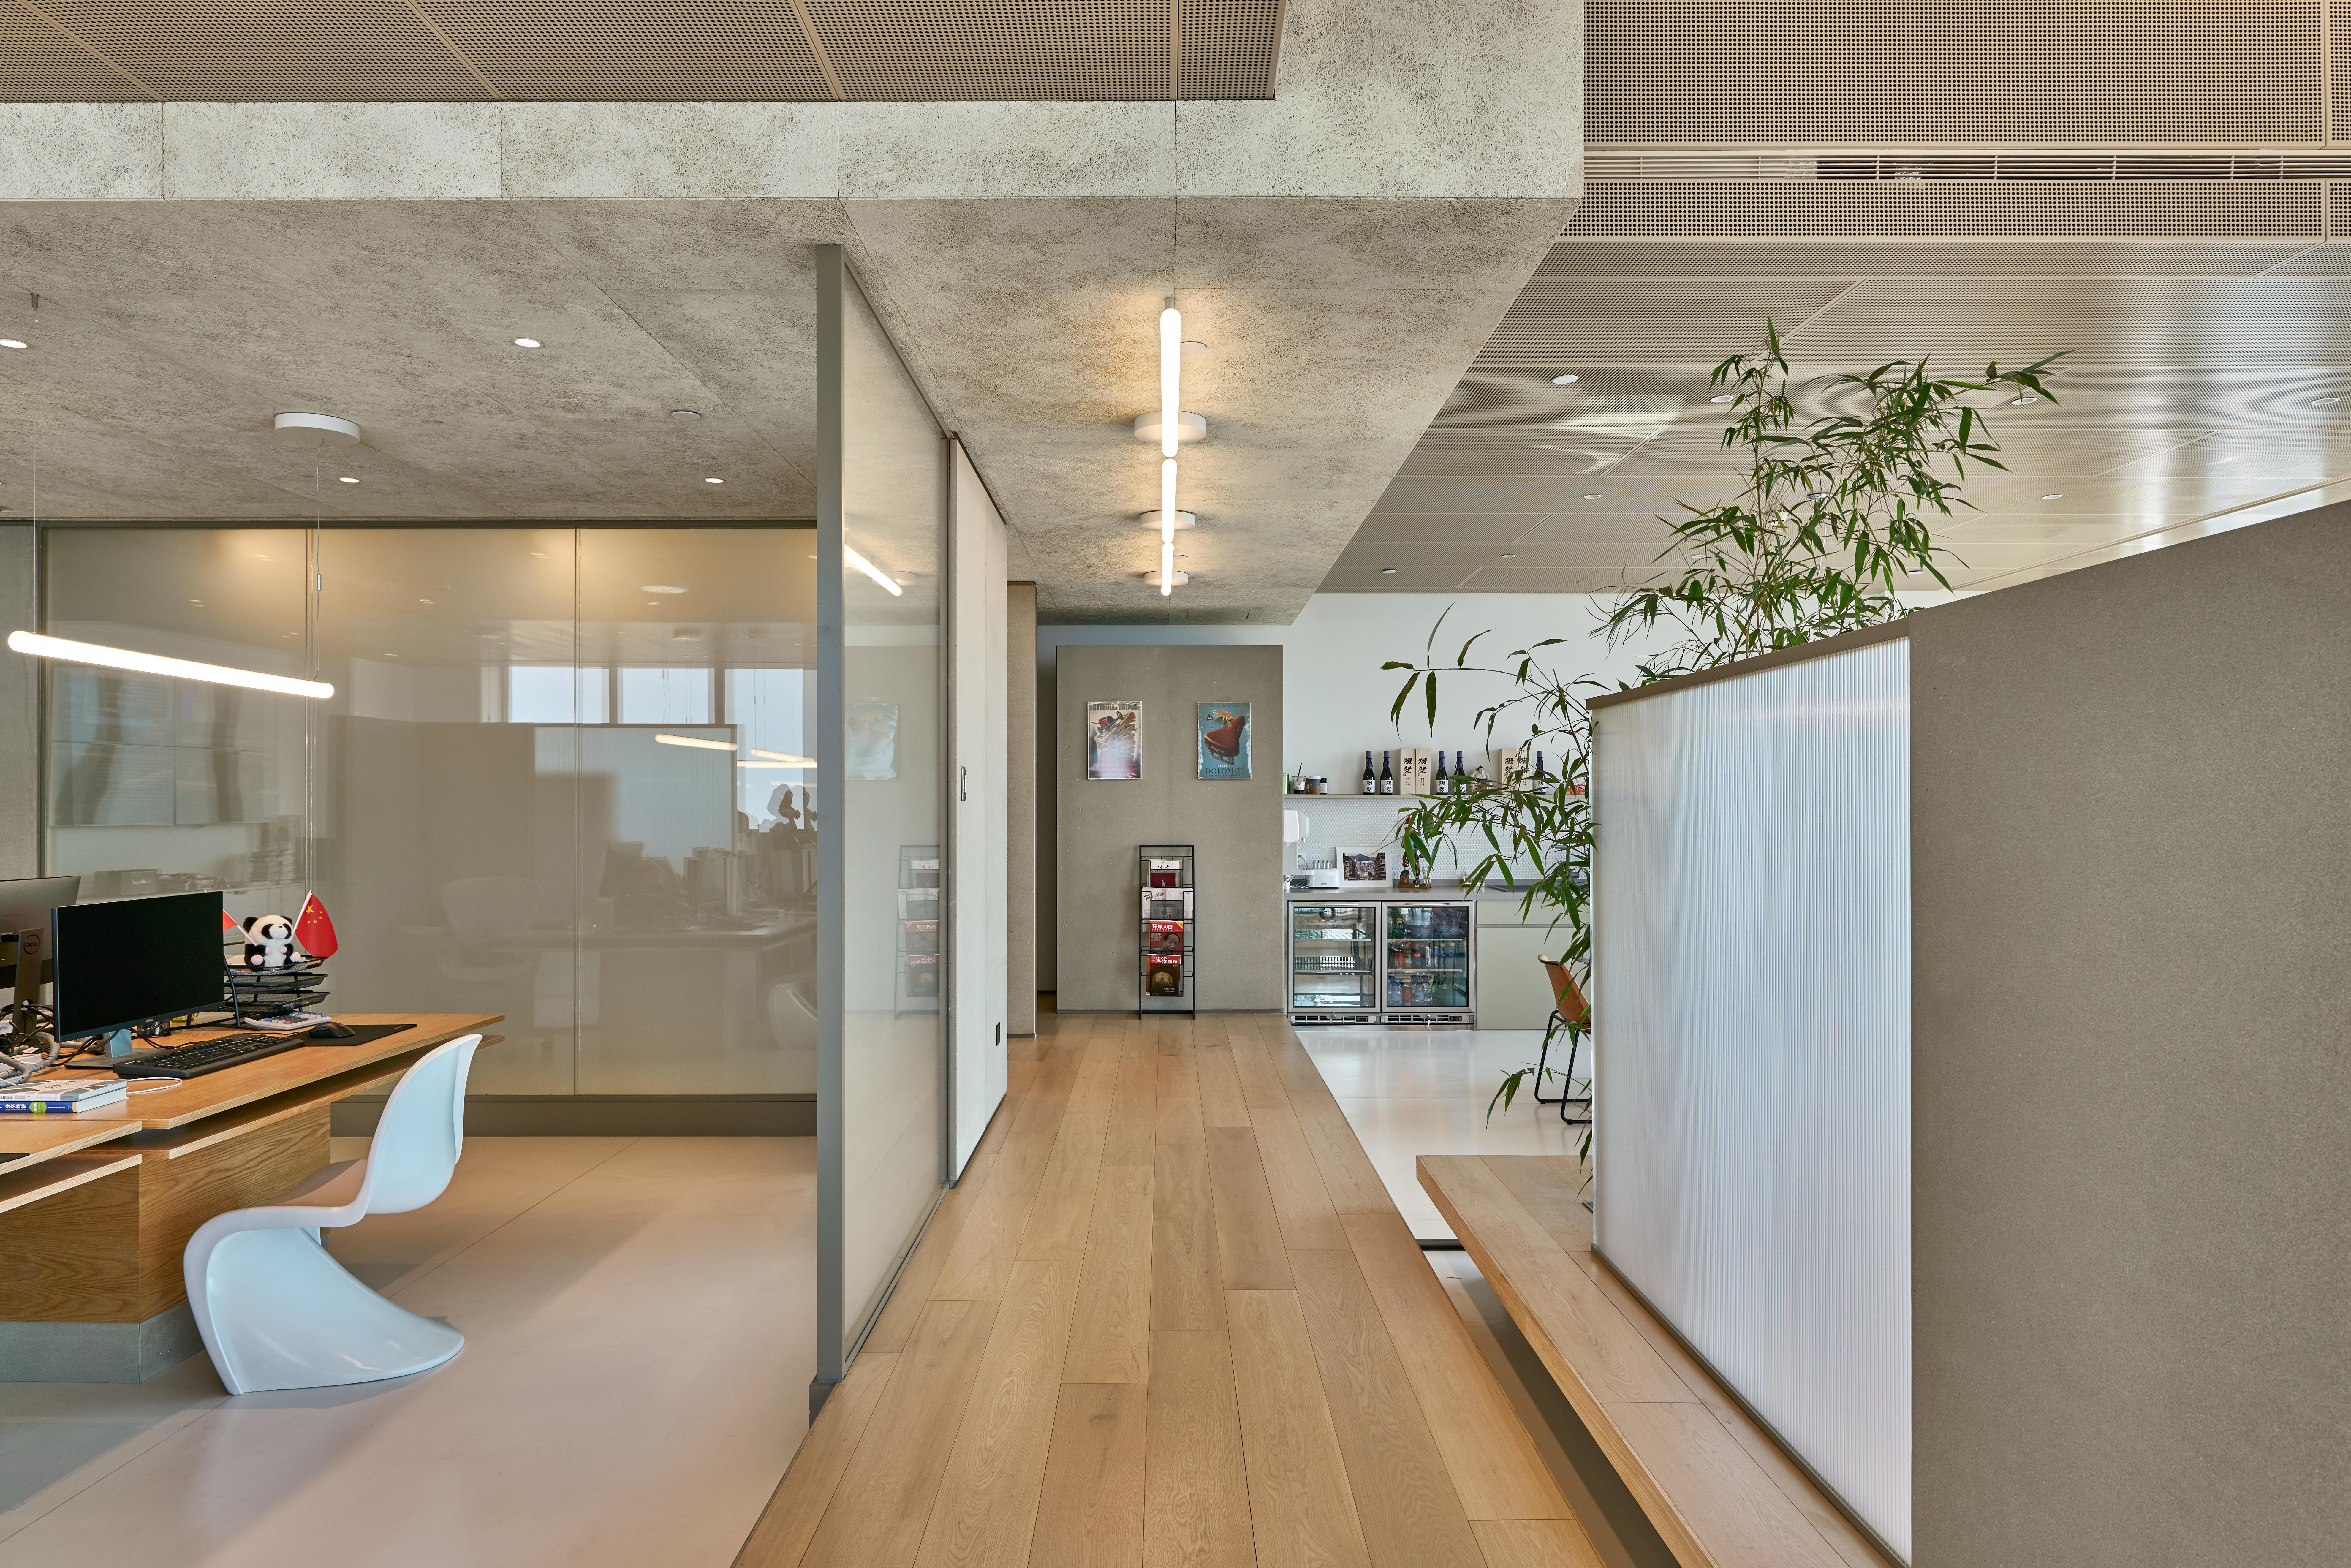 Continente Canguro Calor  Architects Collective | Hong Kong